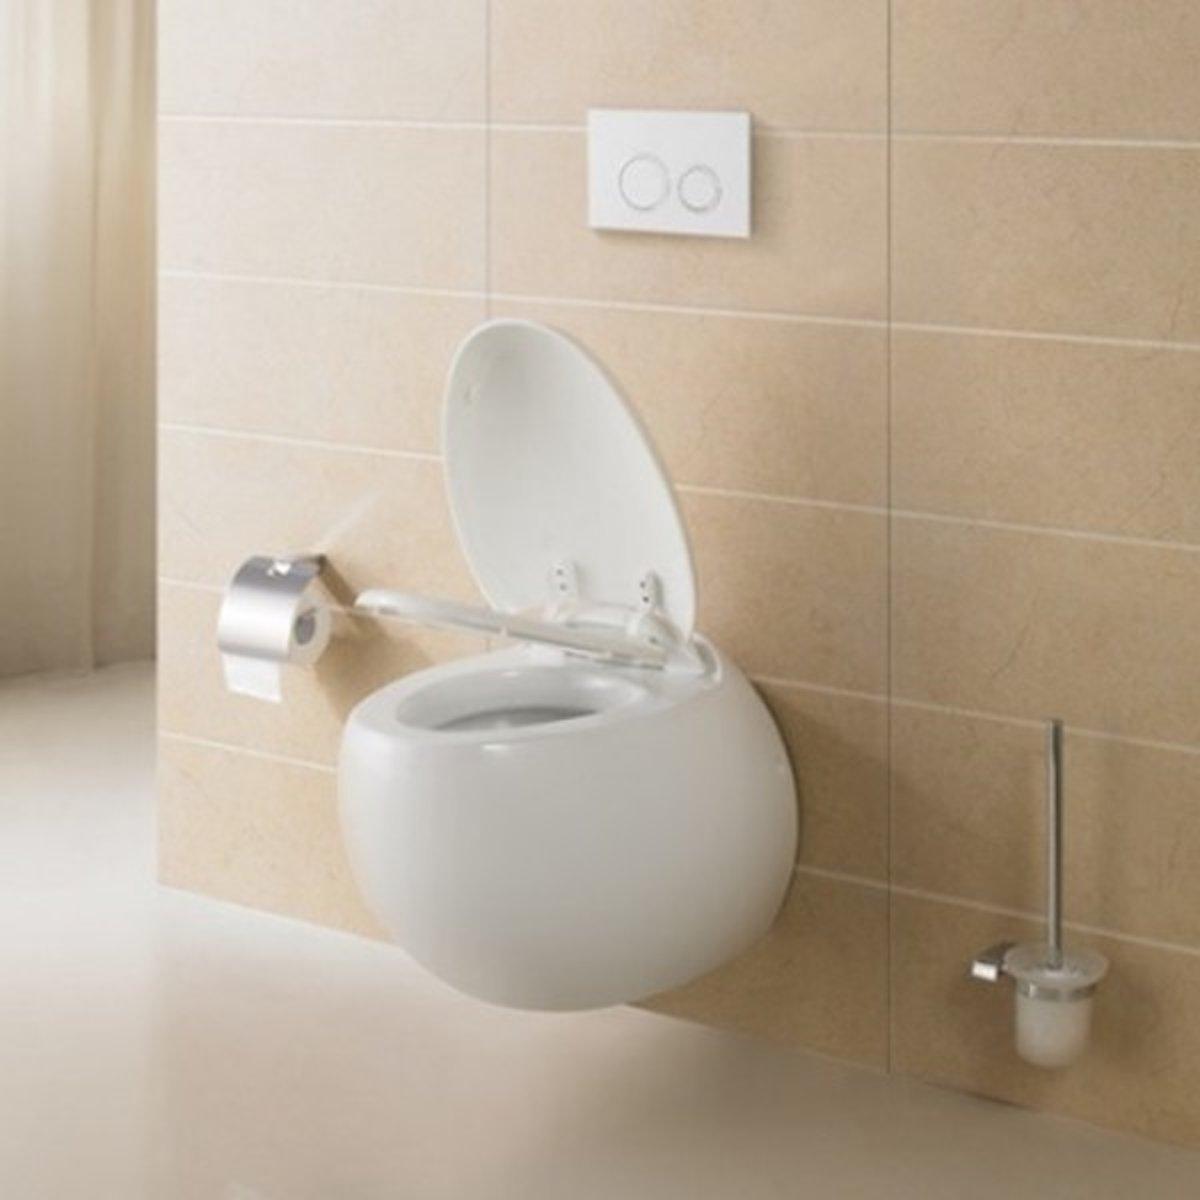 Kalk In De Wc Pot.Bol Com Excellent Wellness Design Hang Toilet Type 661 Met